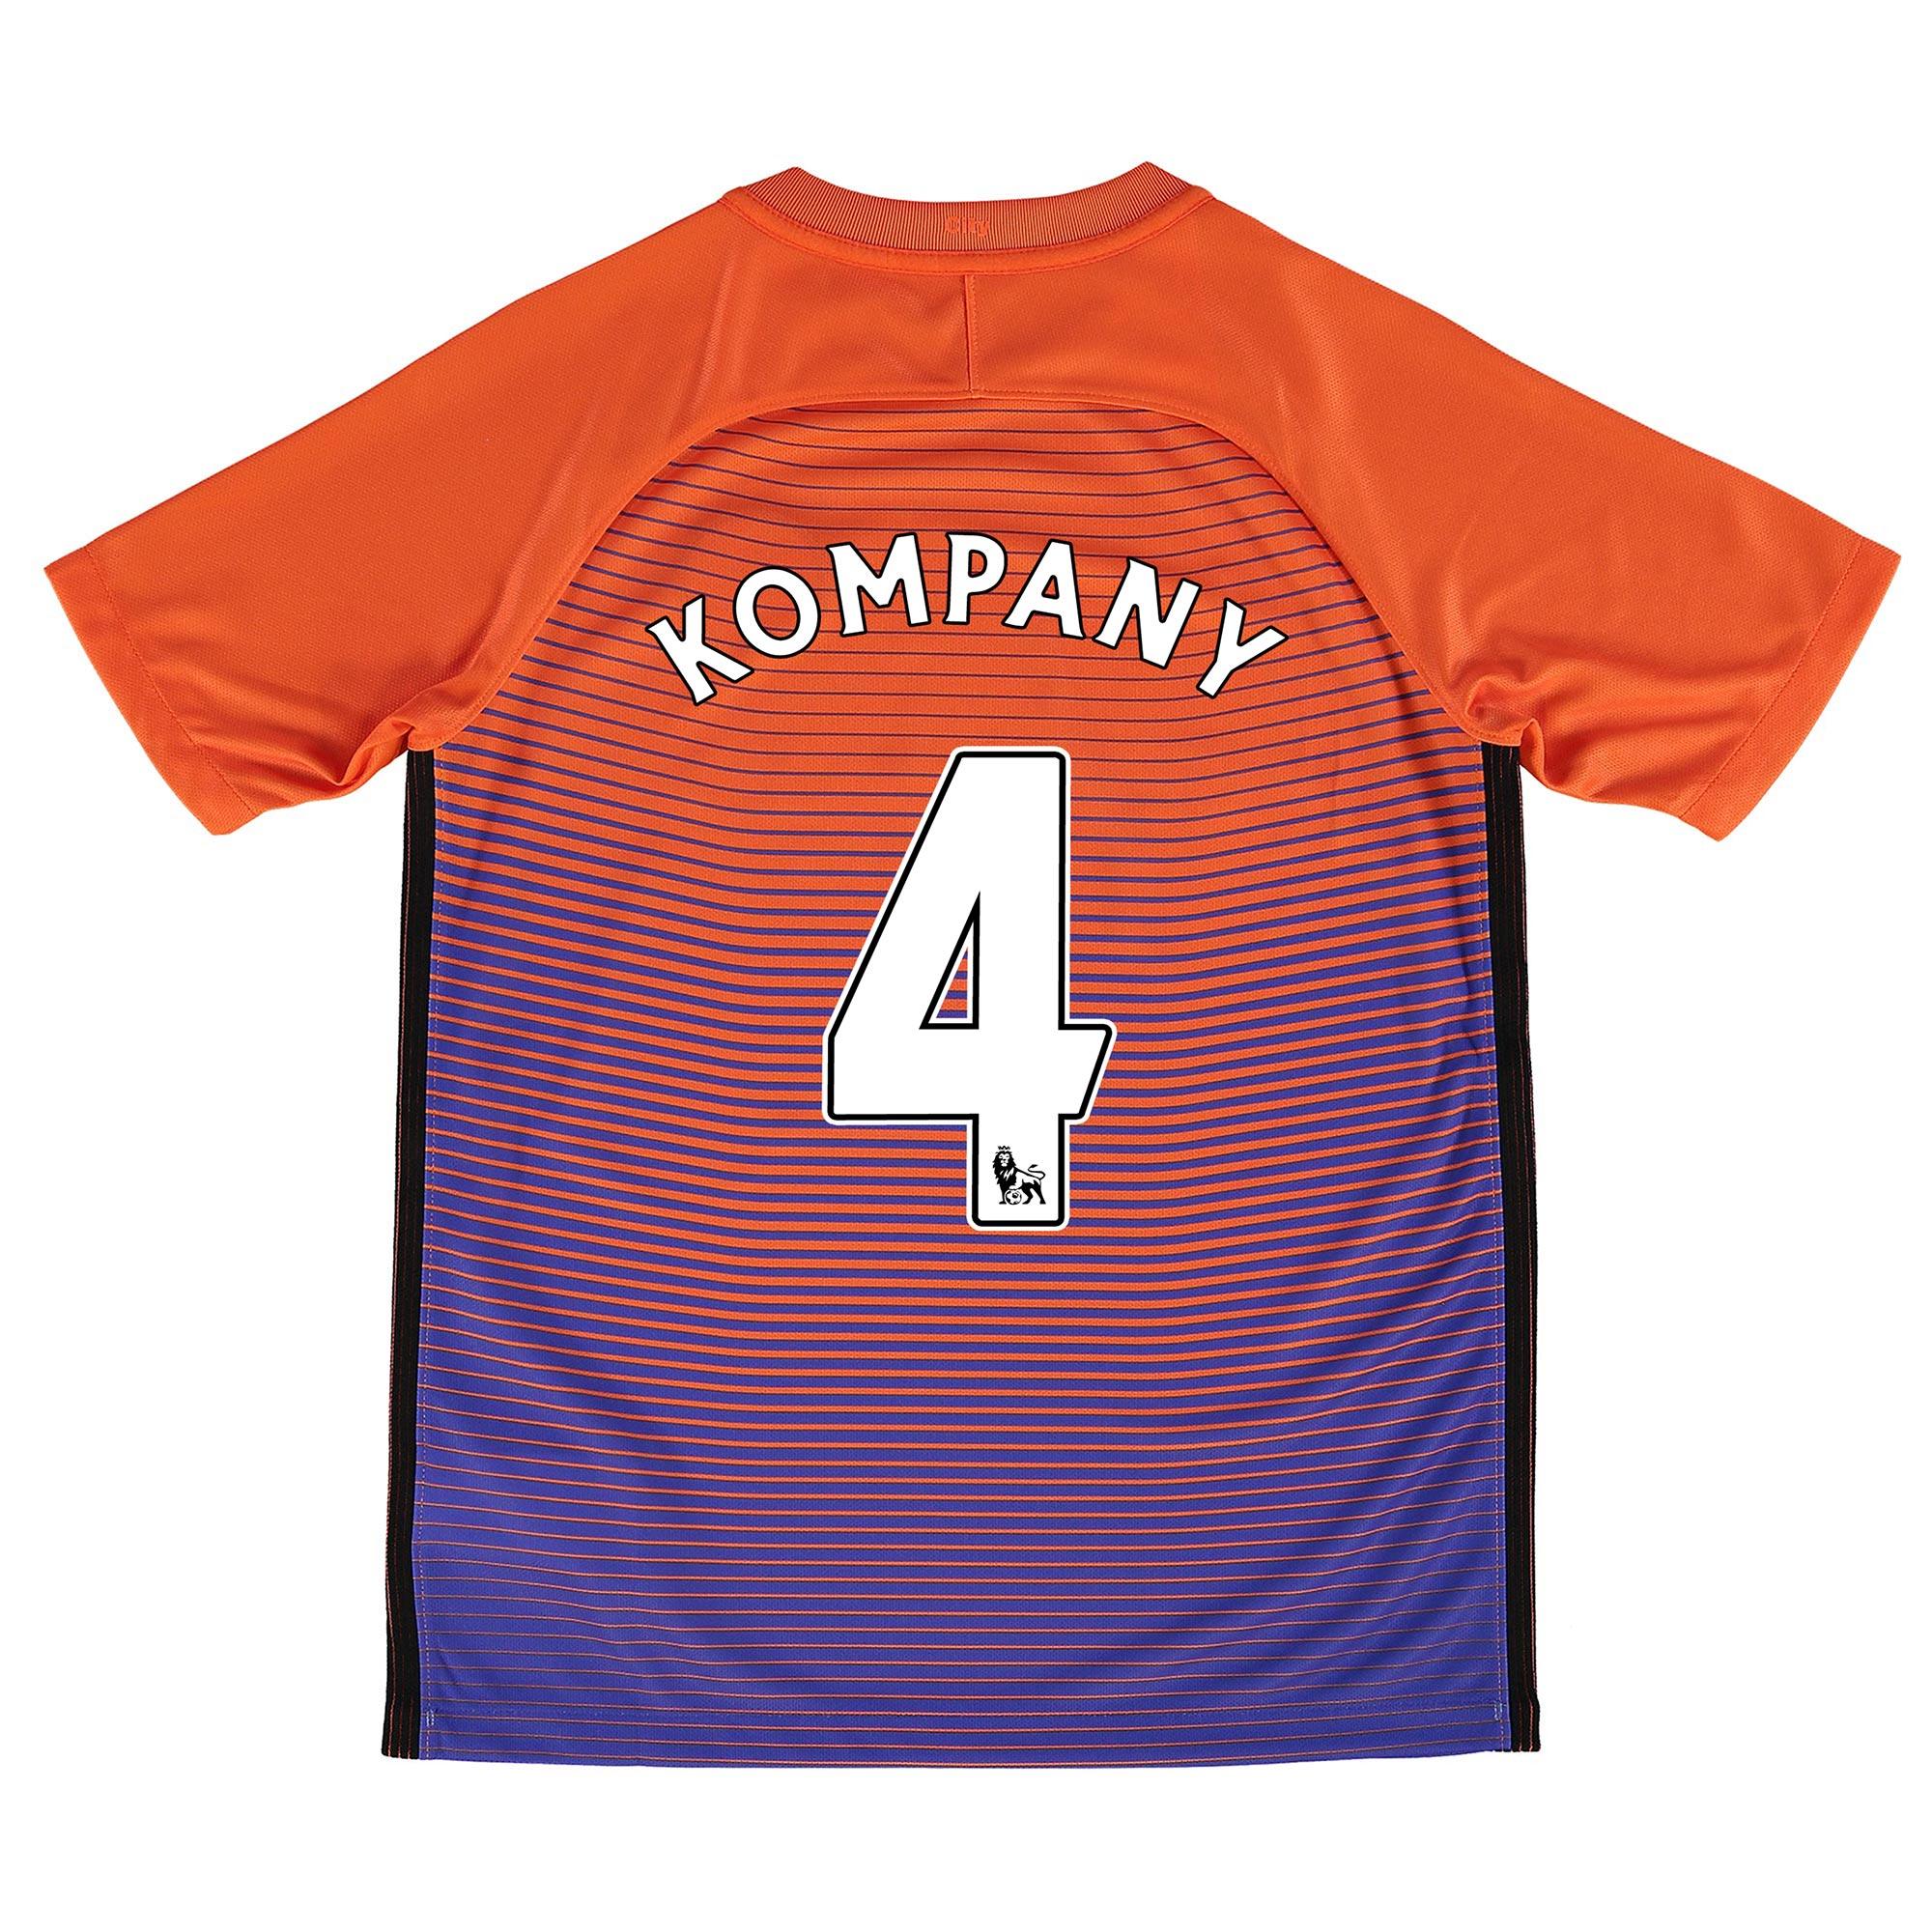 Manchester City Third Stadium Shirt 2016-17 - Kids with Kompany 4 prin